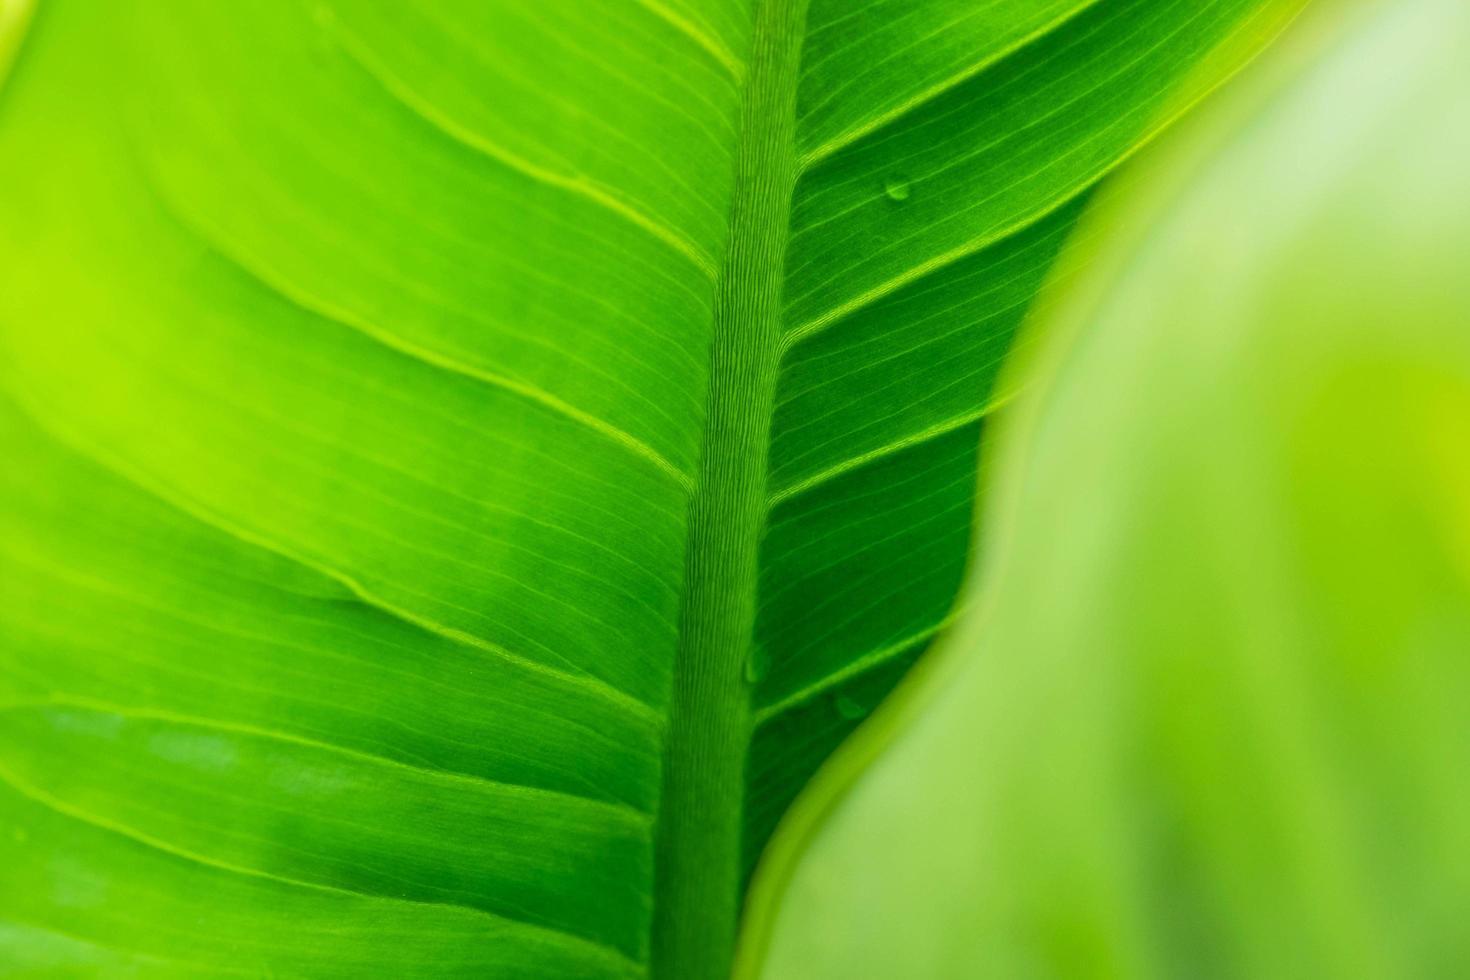 groene blad achtergrond met regendruppels foto